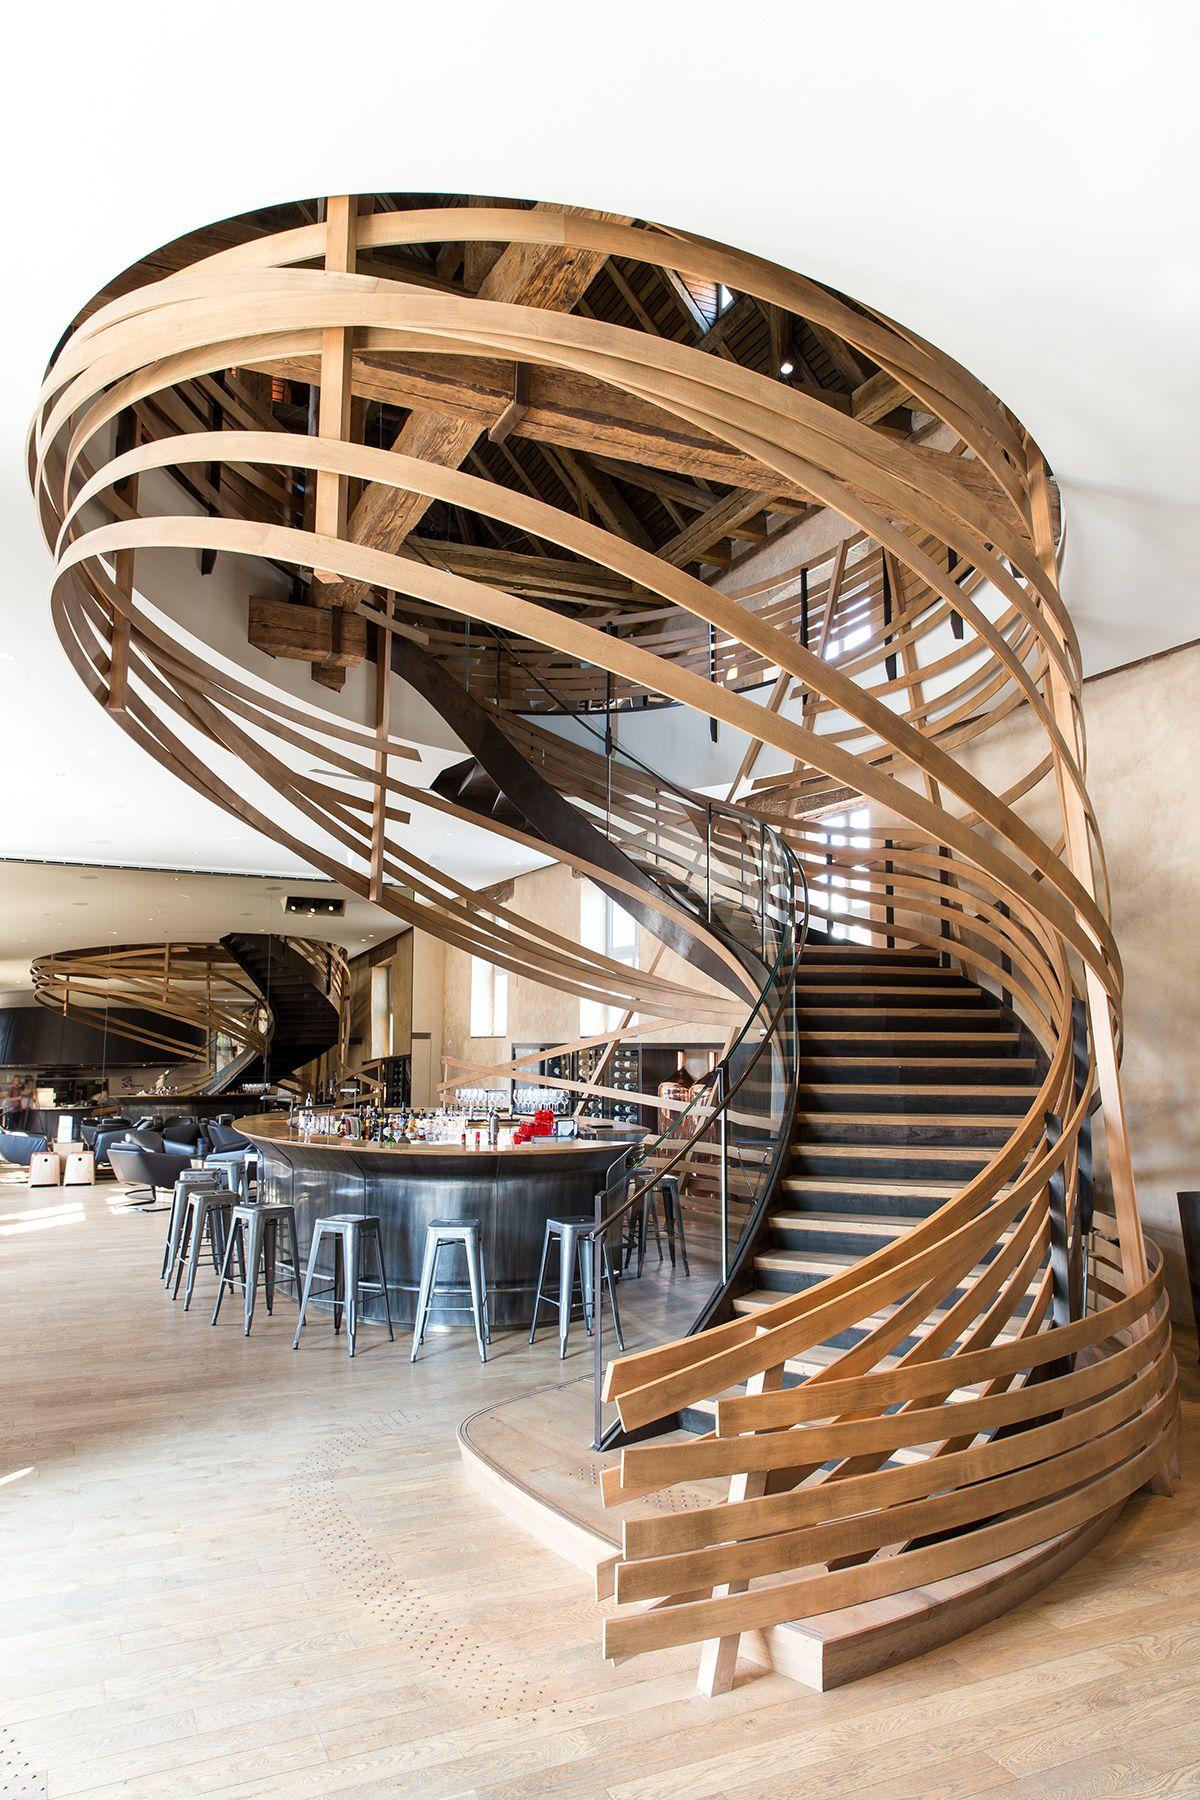 mag ah14 4220les haras strasbourg hotel restaurant escalier bois cuivre photo fr d ric. Black Bedroom Furniture Sets. Home Design Ideas